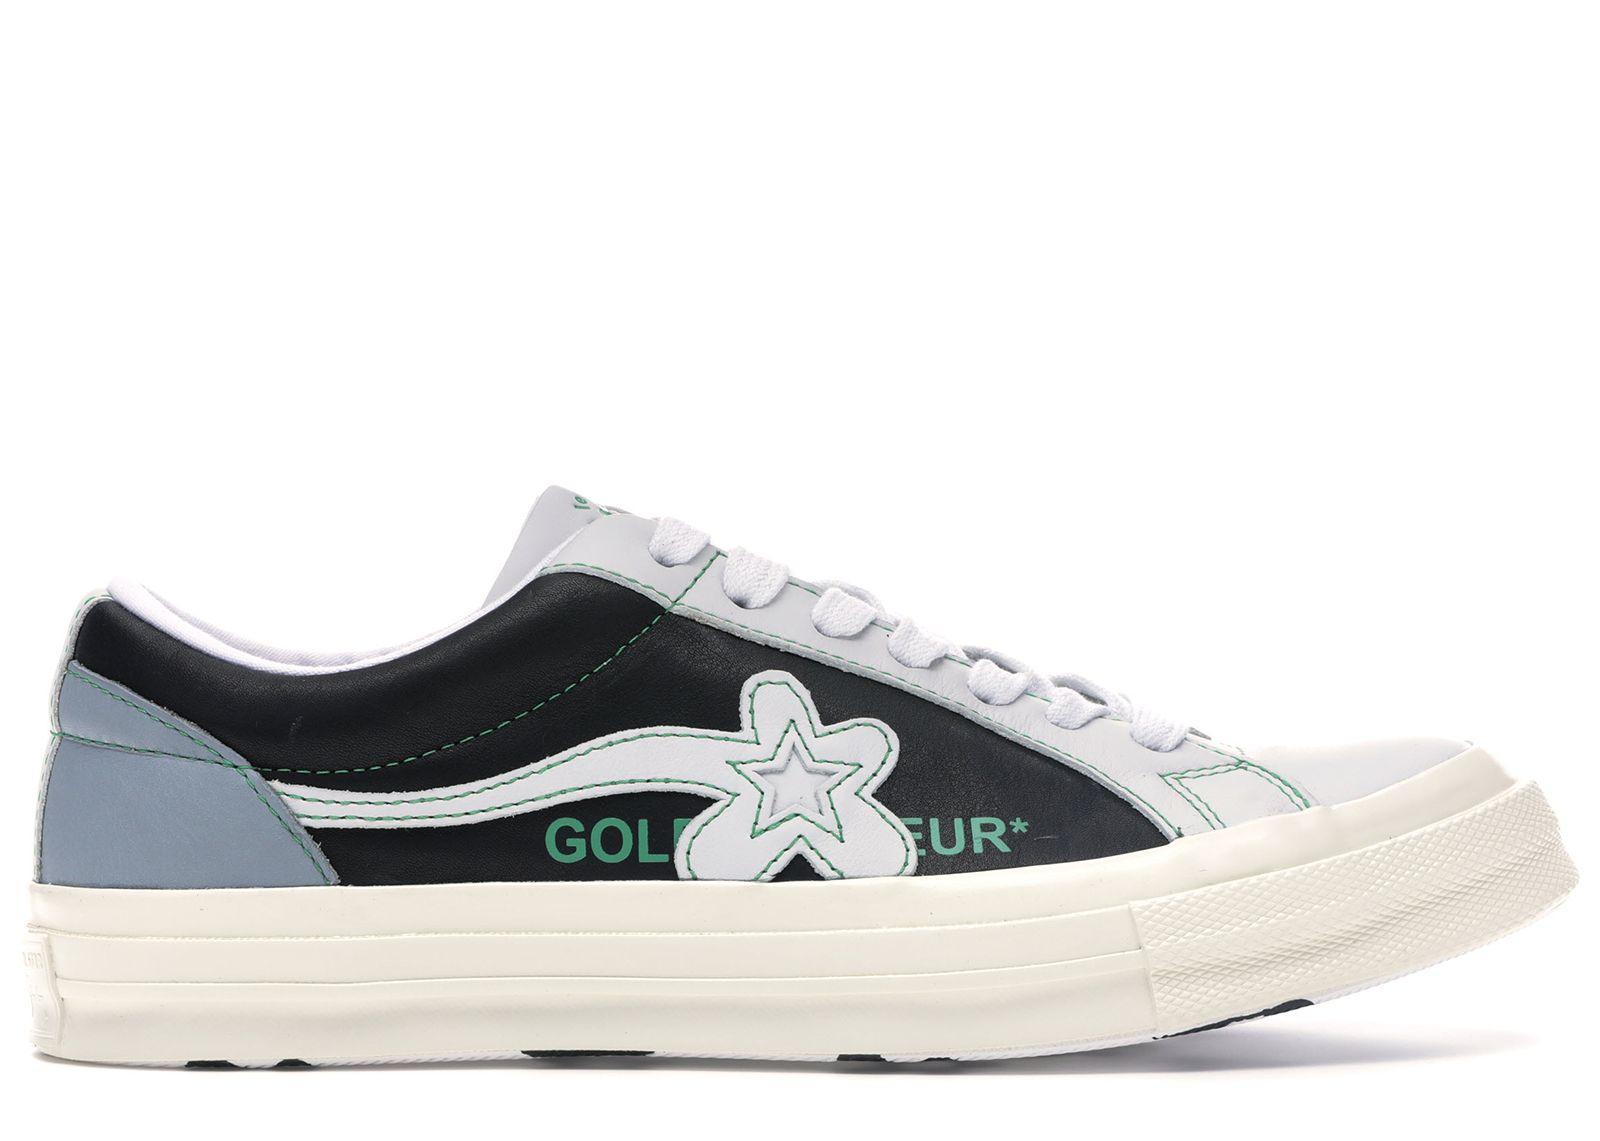 Converse X Golf Le Fleur Ox Sneaker In